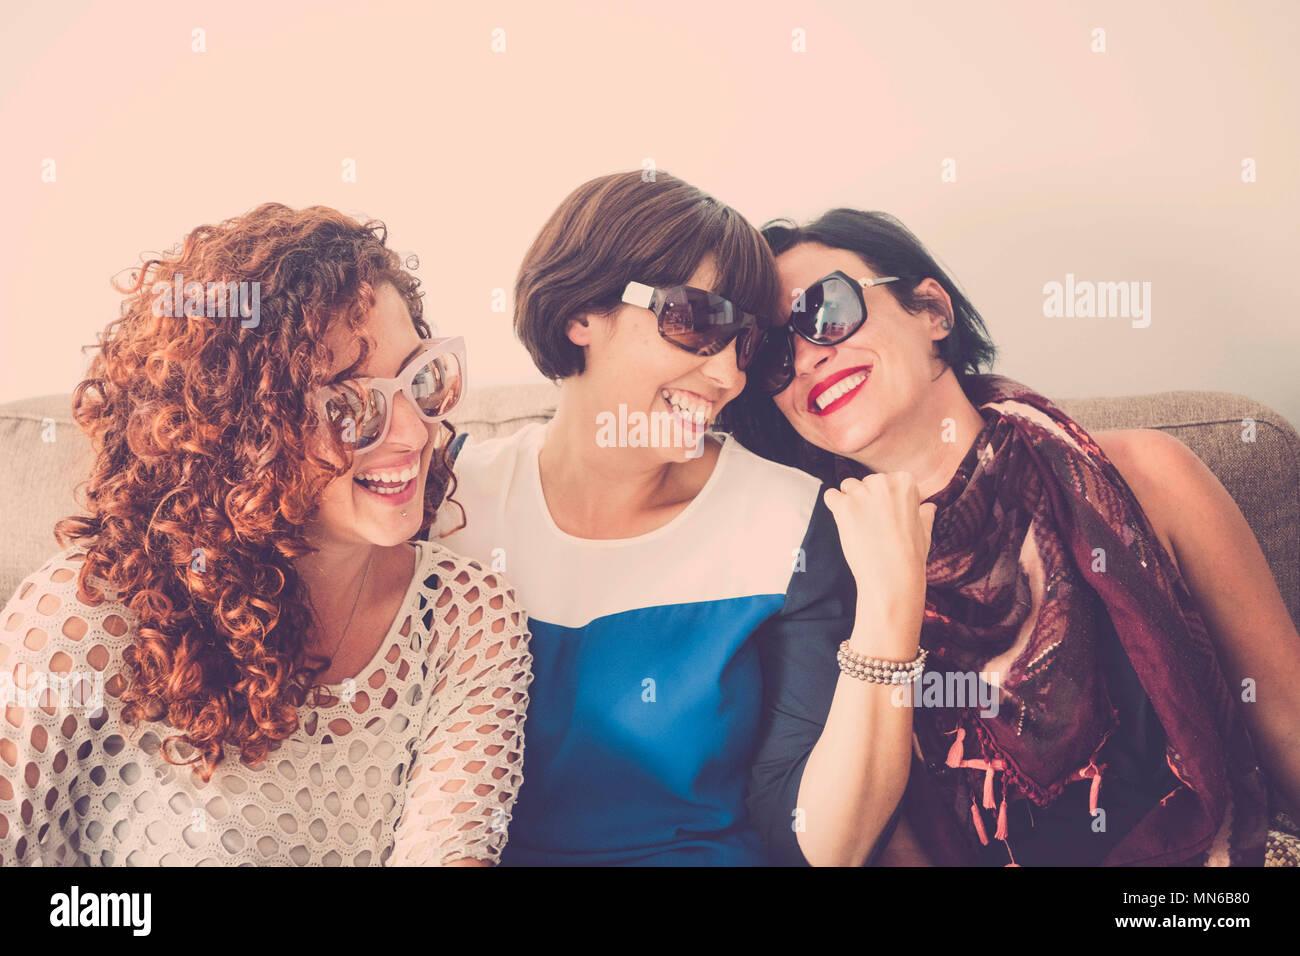 Trois femmes peuples caucasiens griup s'amusant à la maison avec folie et notre bonheur ensemble. concept d'amitié entre jeunes filles et Nice. v Photo Stock